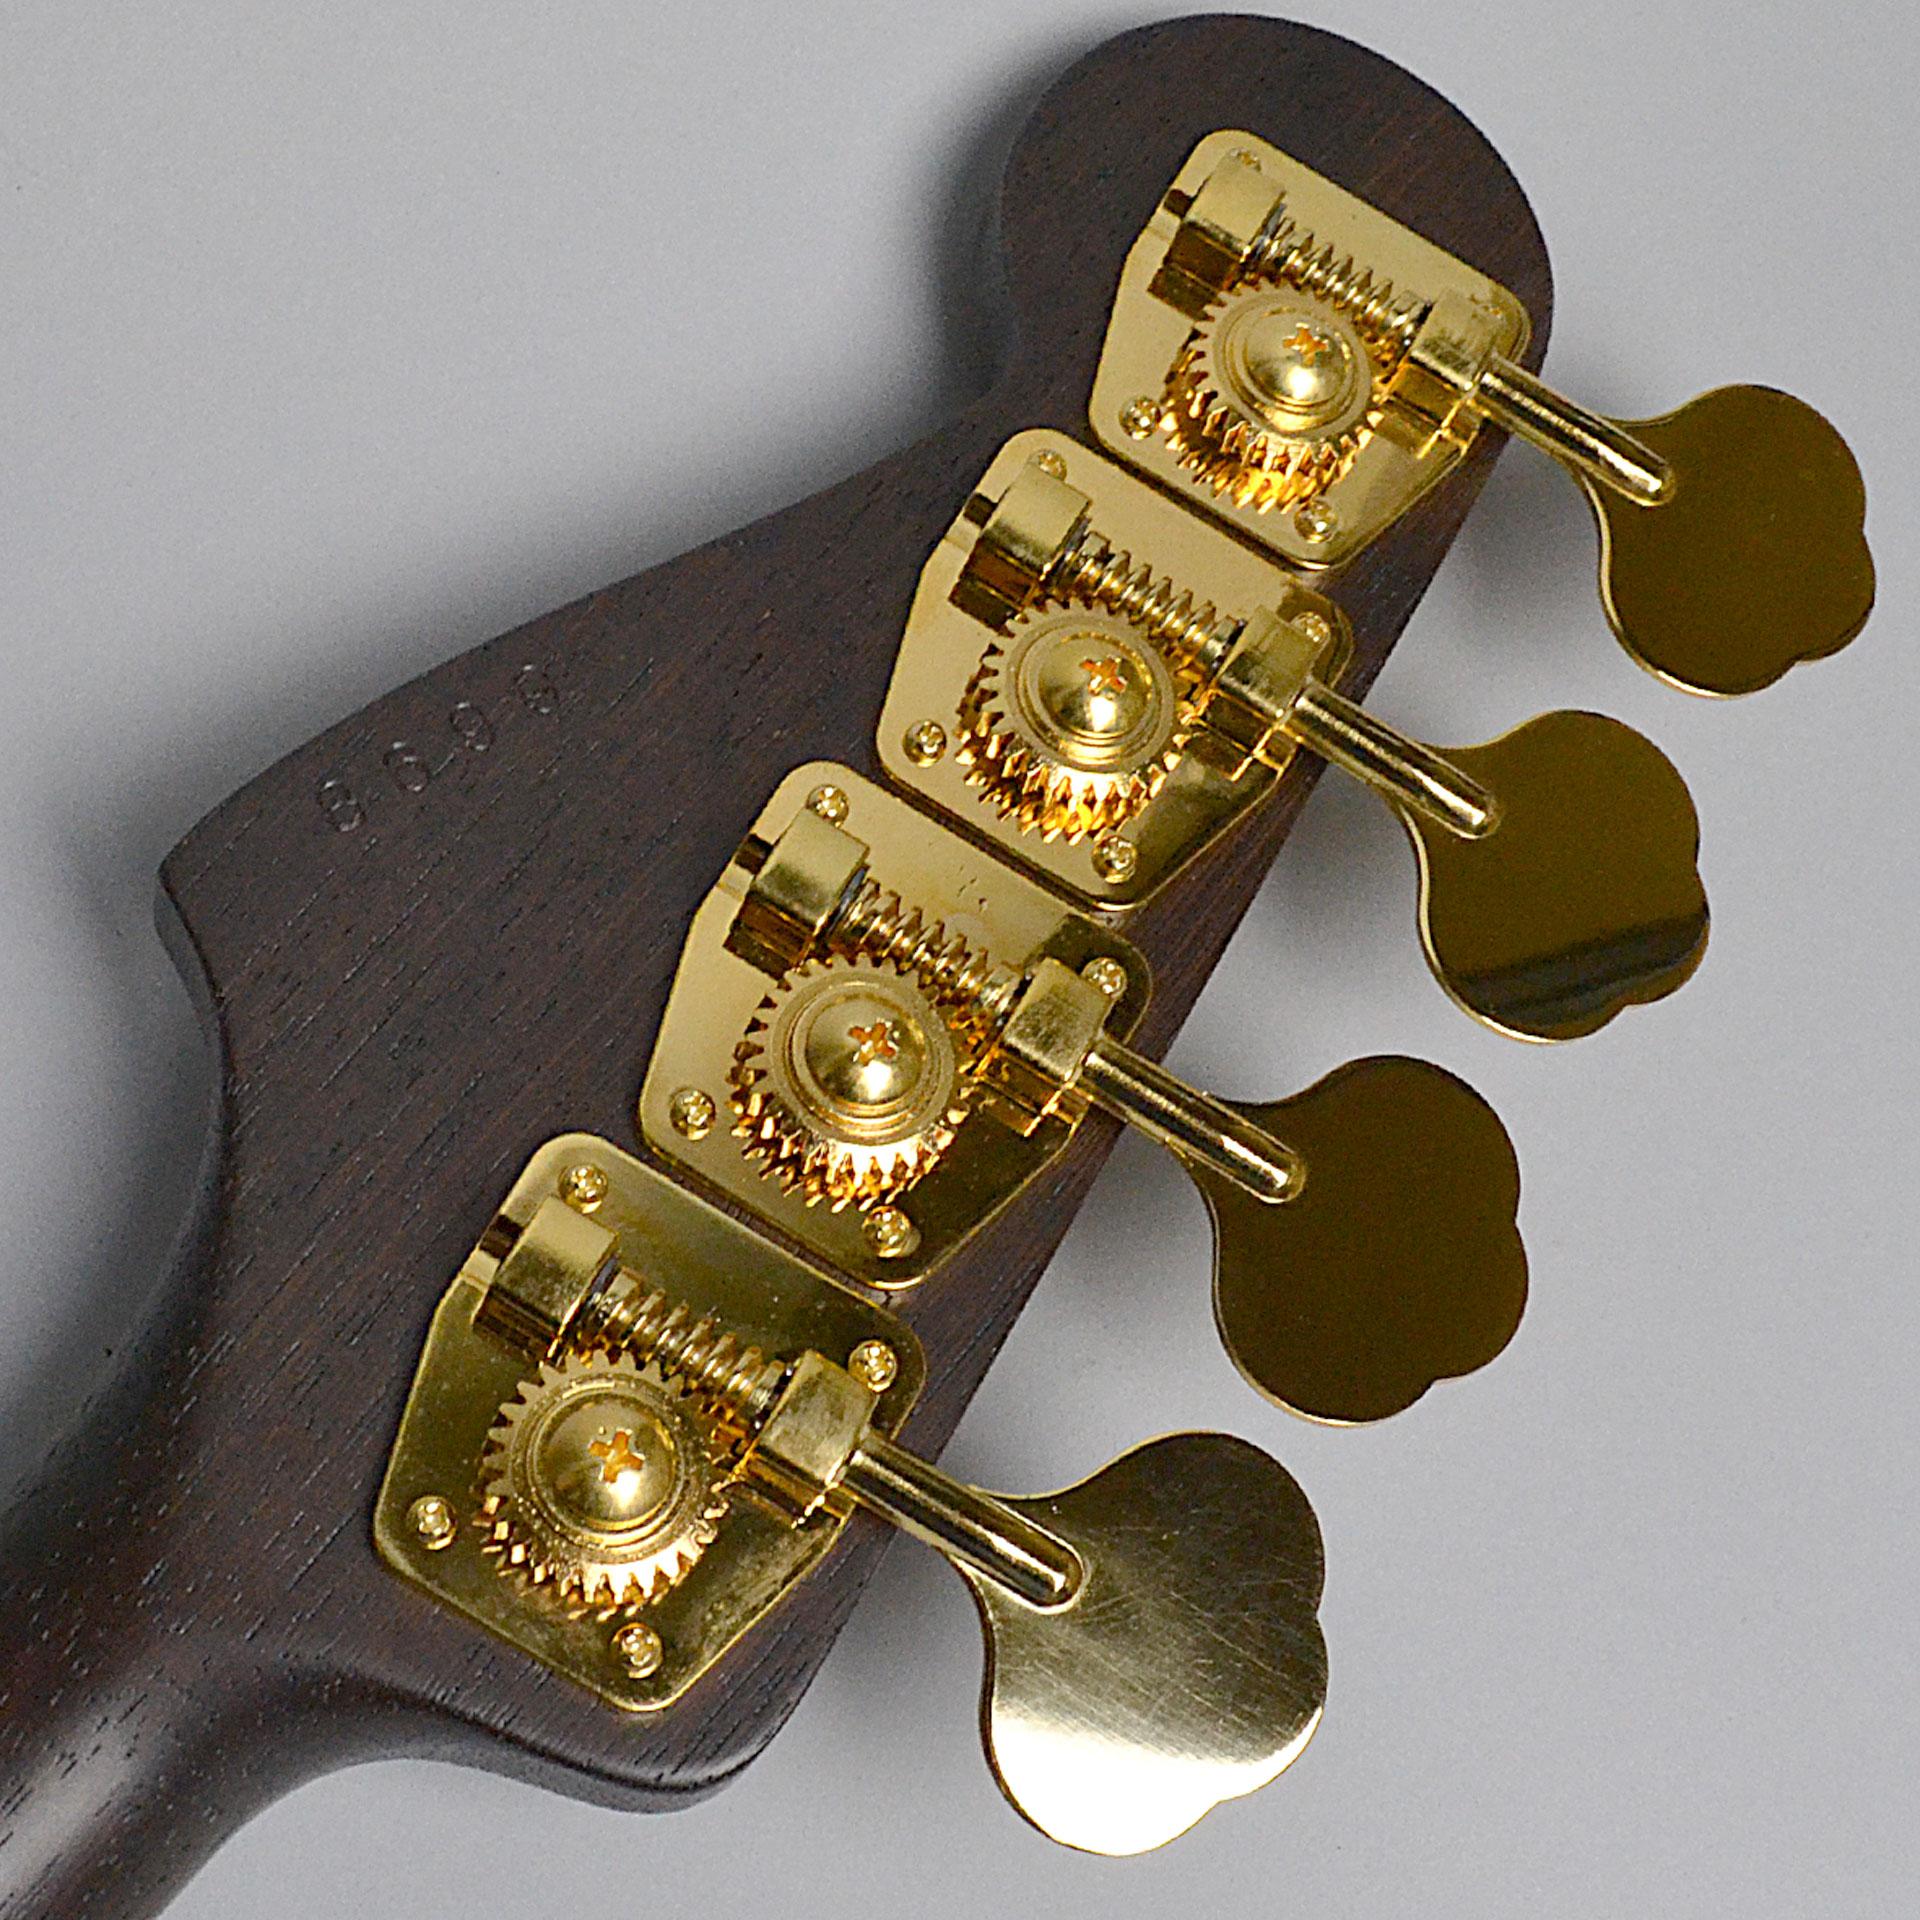 MJB2-BW PRM 楽器フェア限定モデルのケース・その他画像